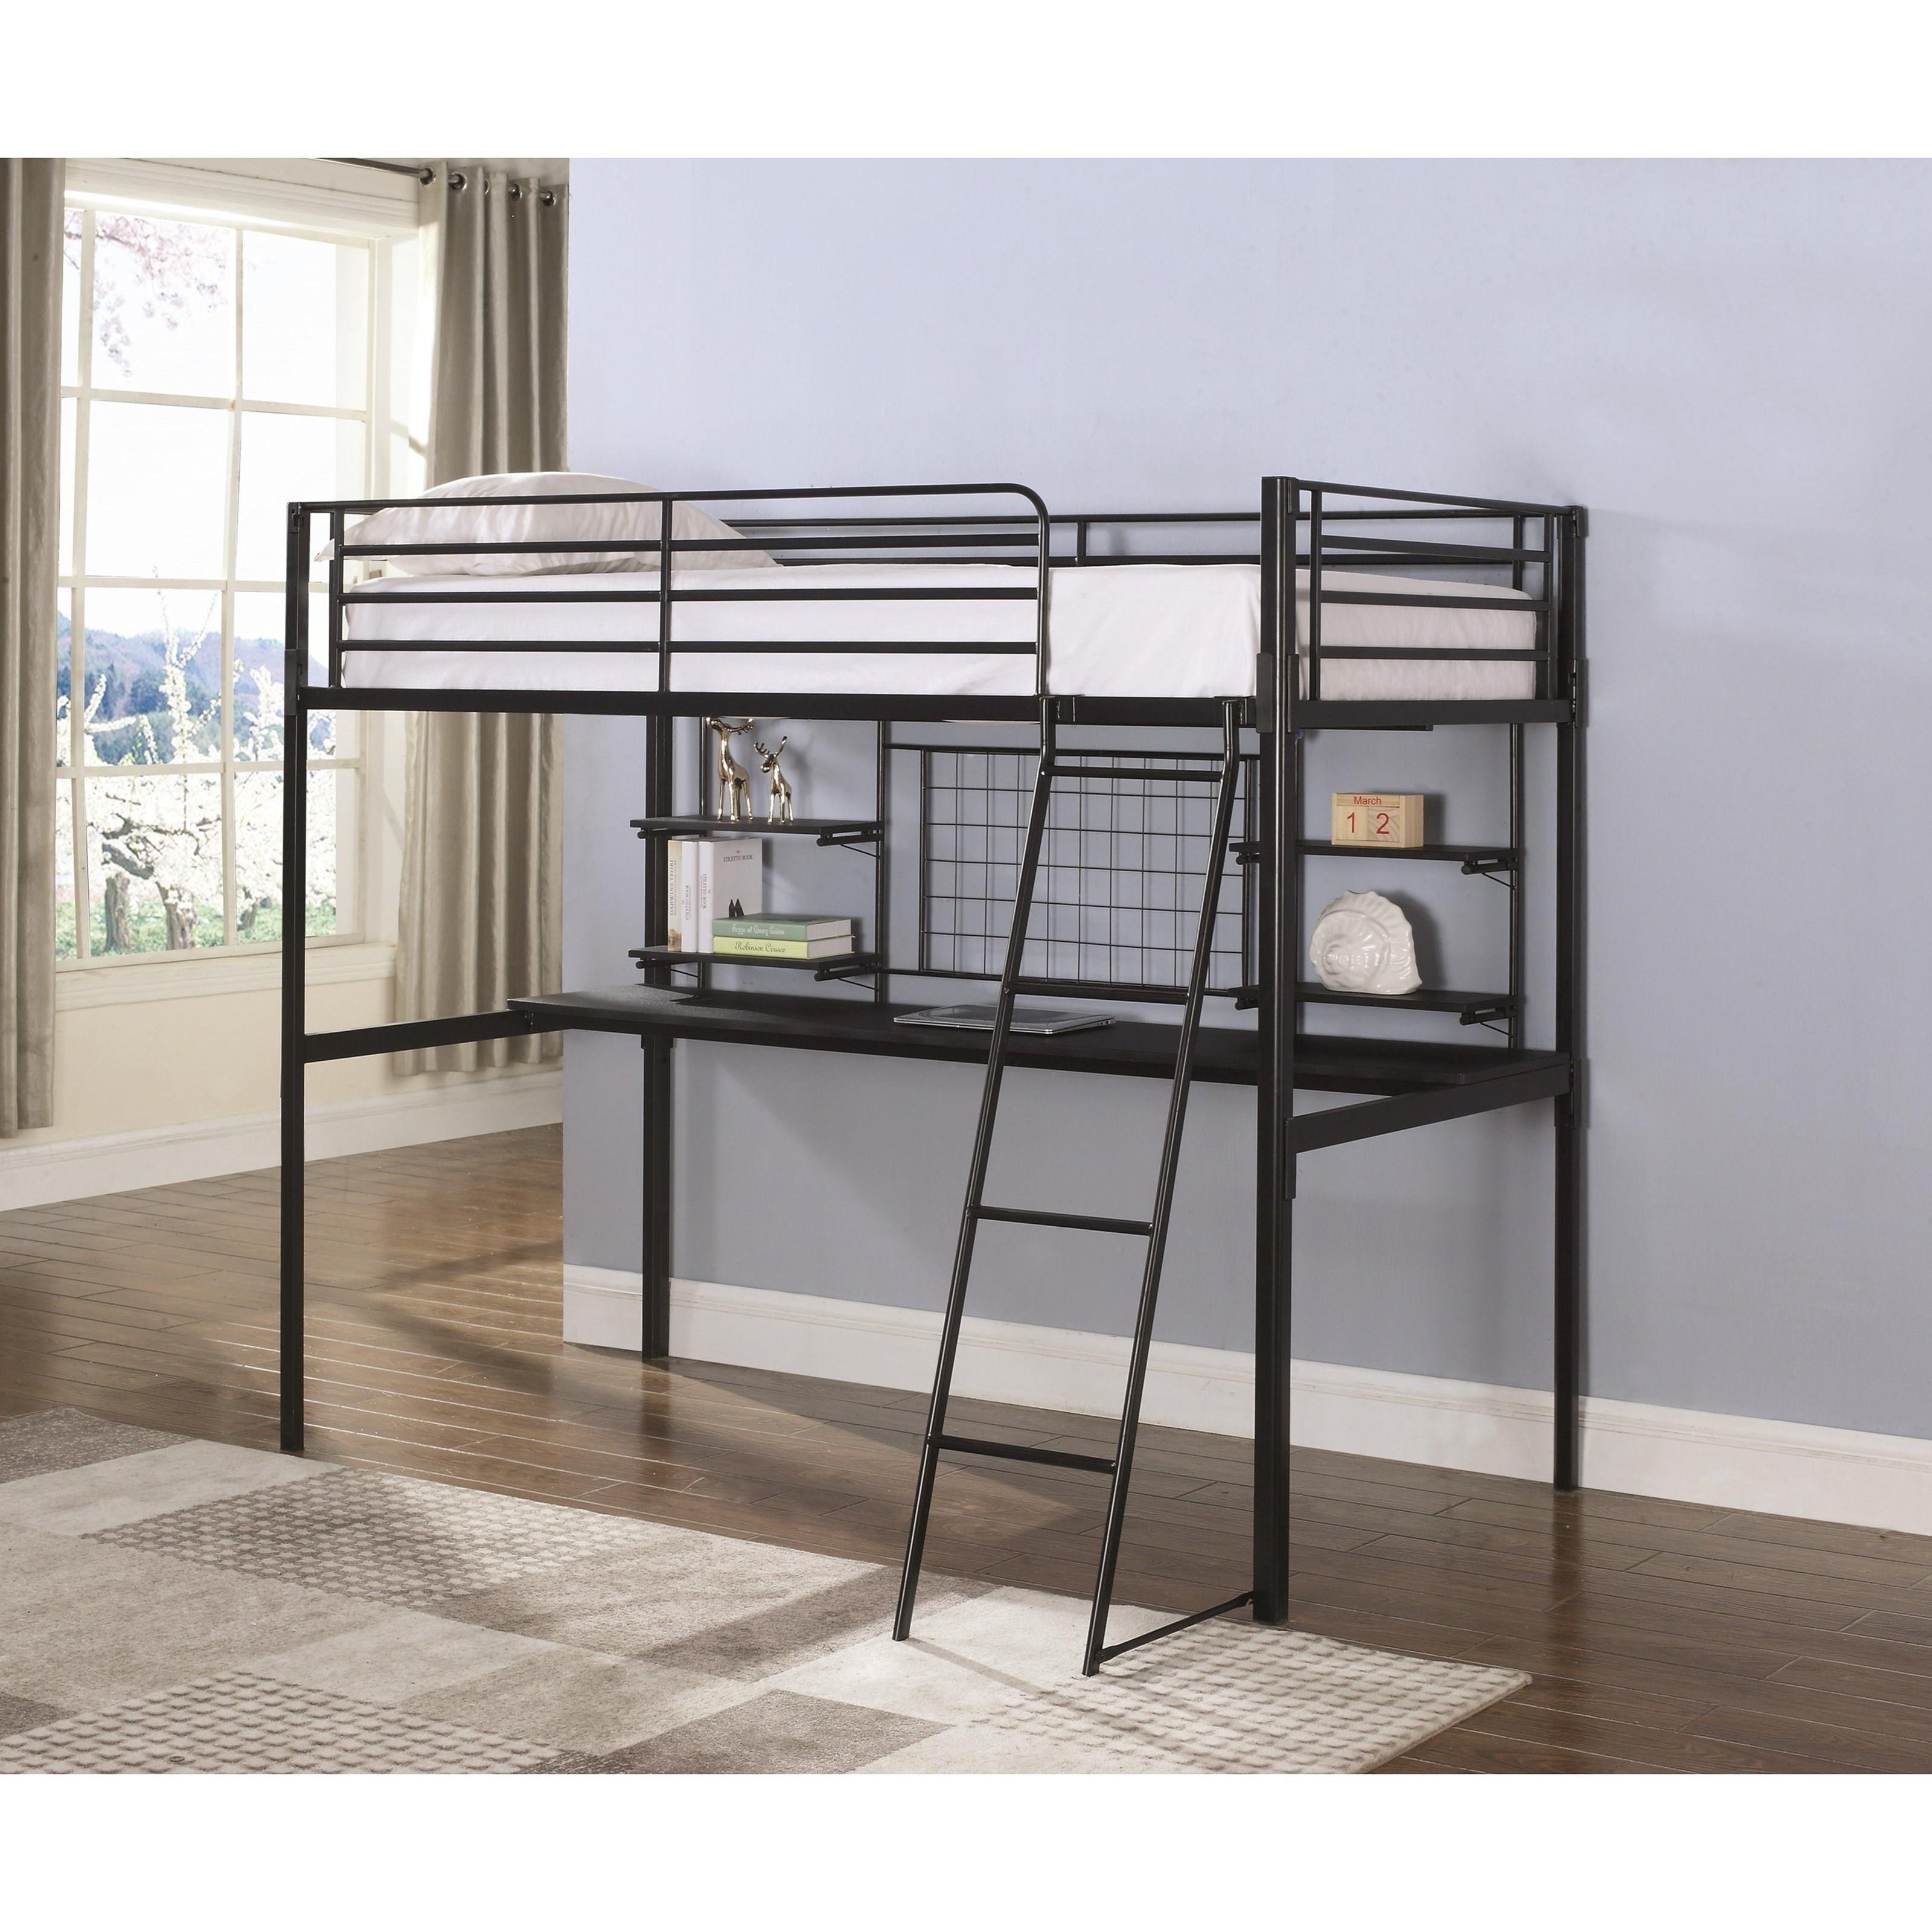 Palliser Bunk Bed With Desk